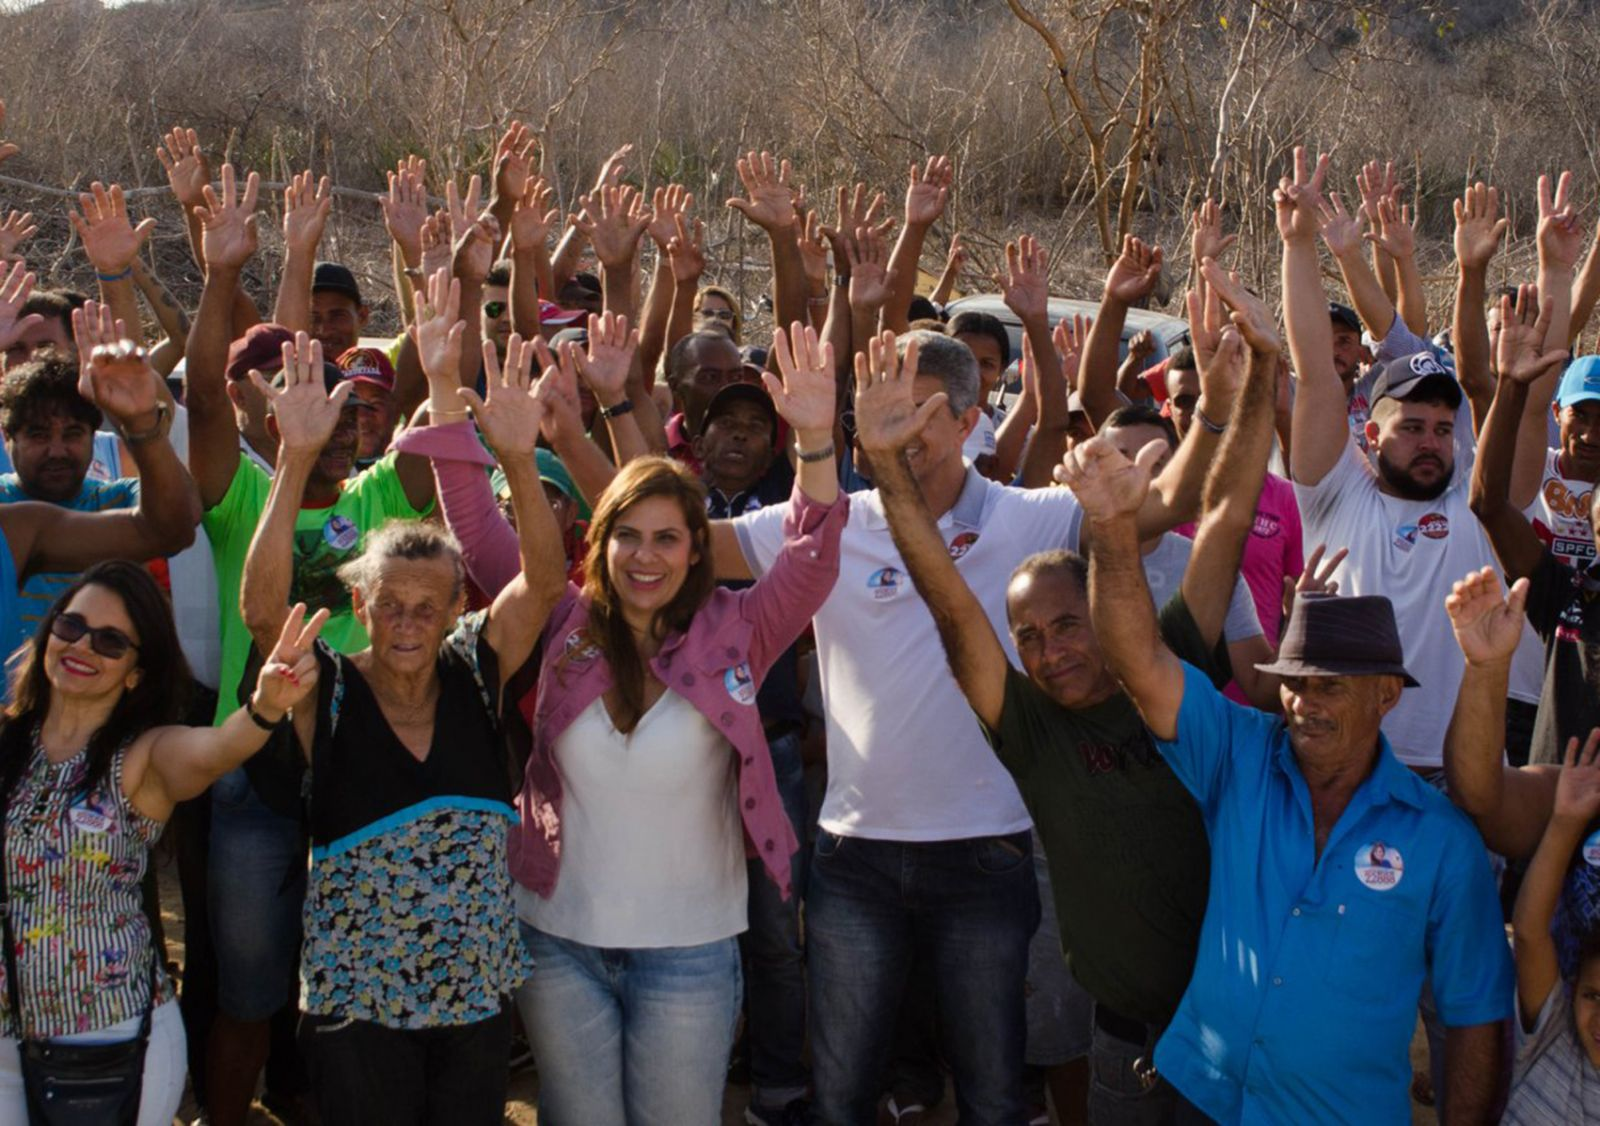 Kátia Bacelar é a bela aniversariante de hoje 16 de julho, na foto ela está com seus eleitores de 2018